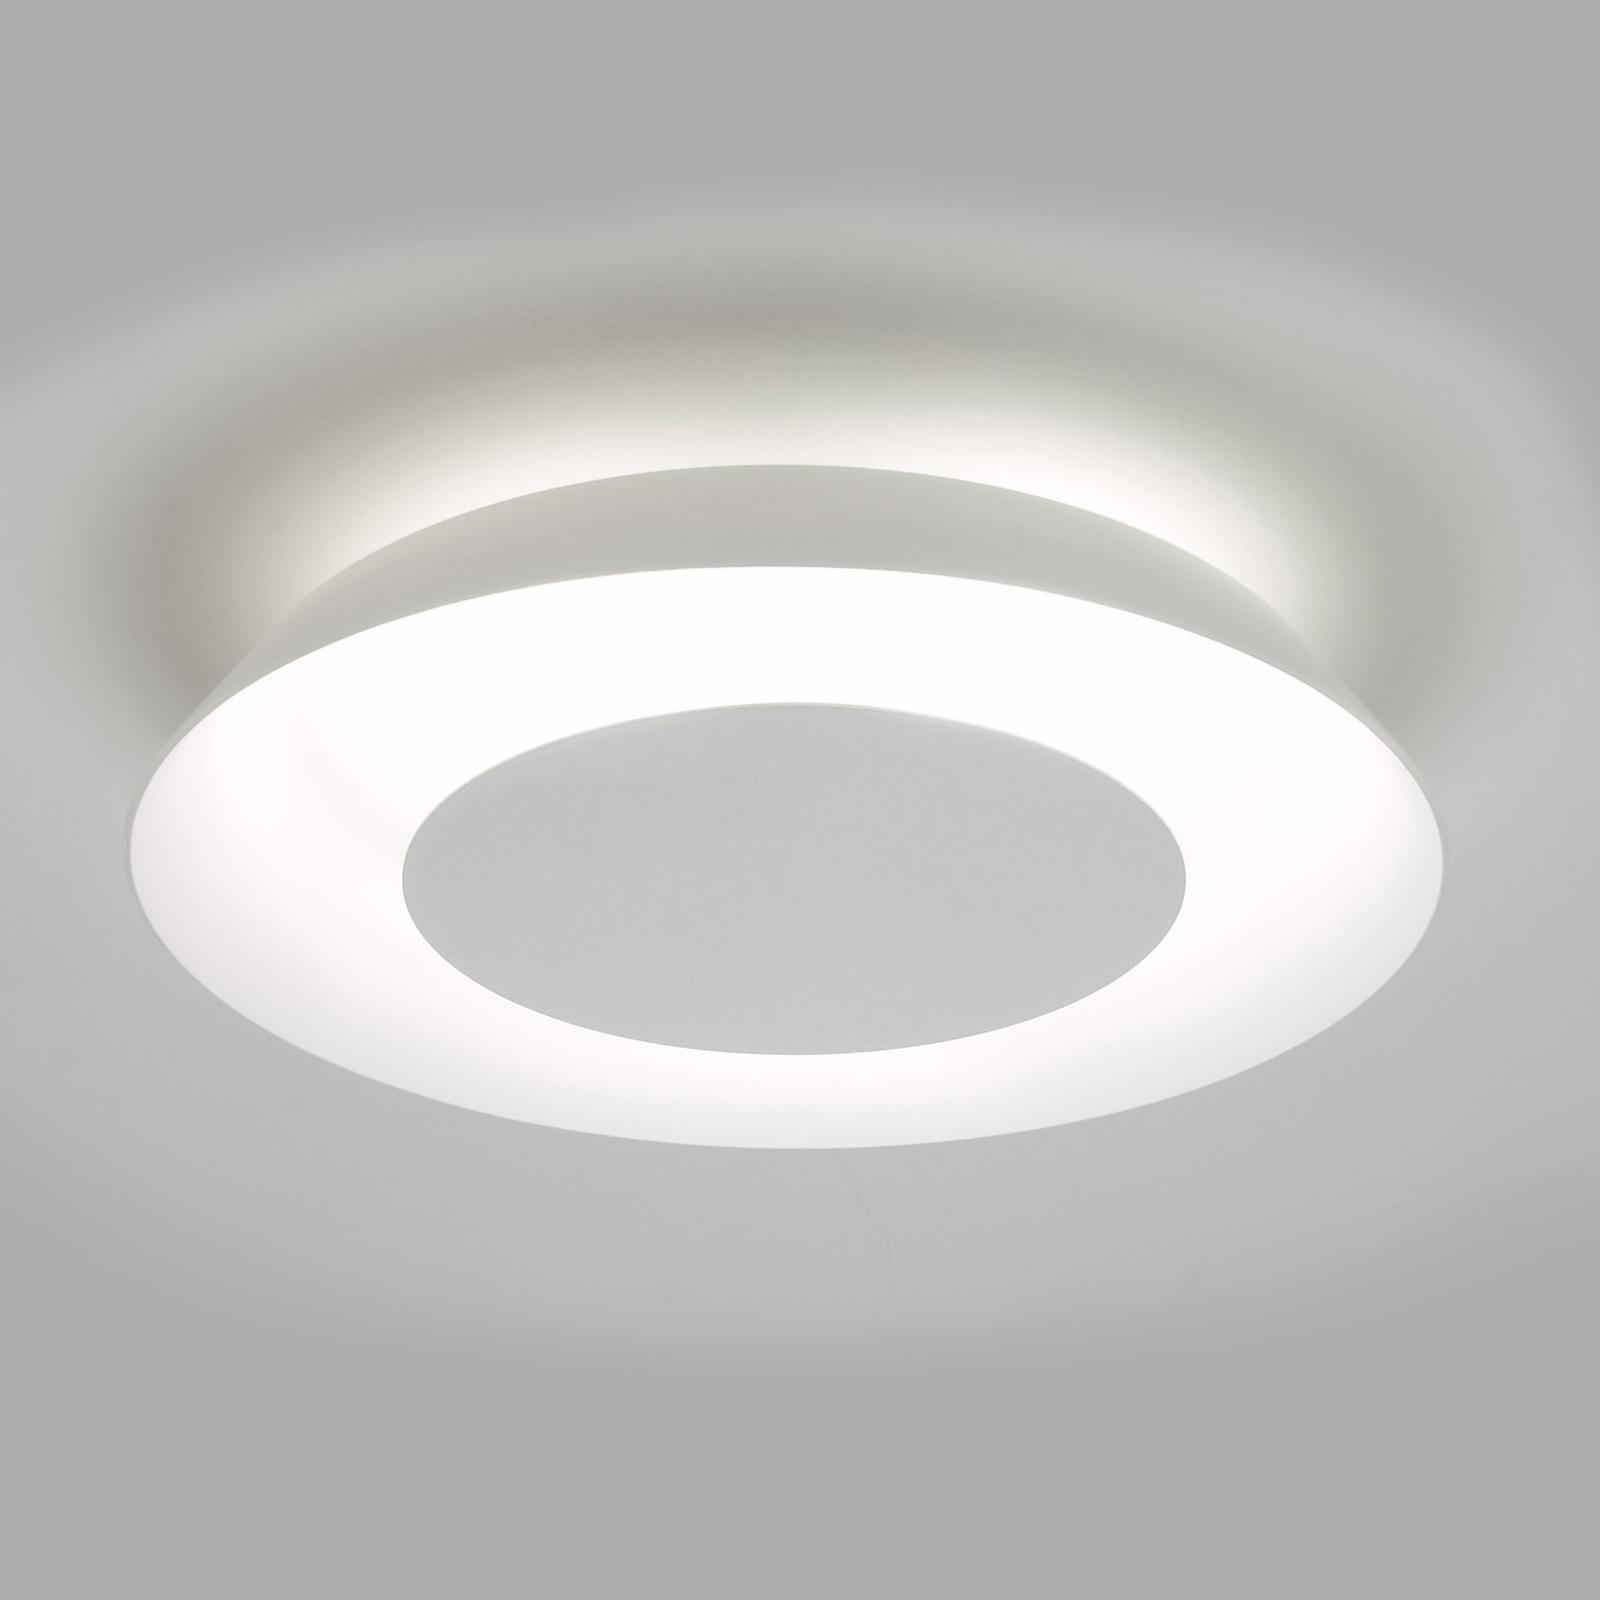 Casablanca Torno LED-Deckenleuchte, Ø 40 cm